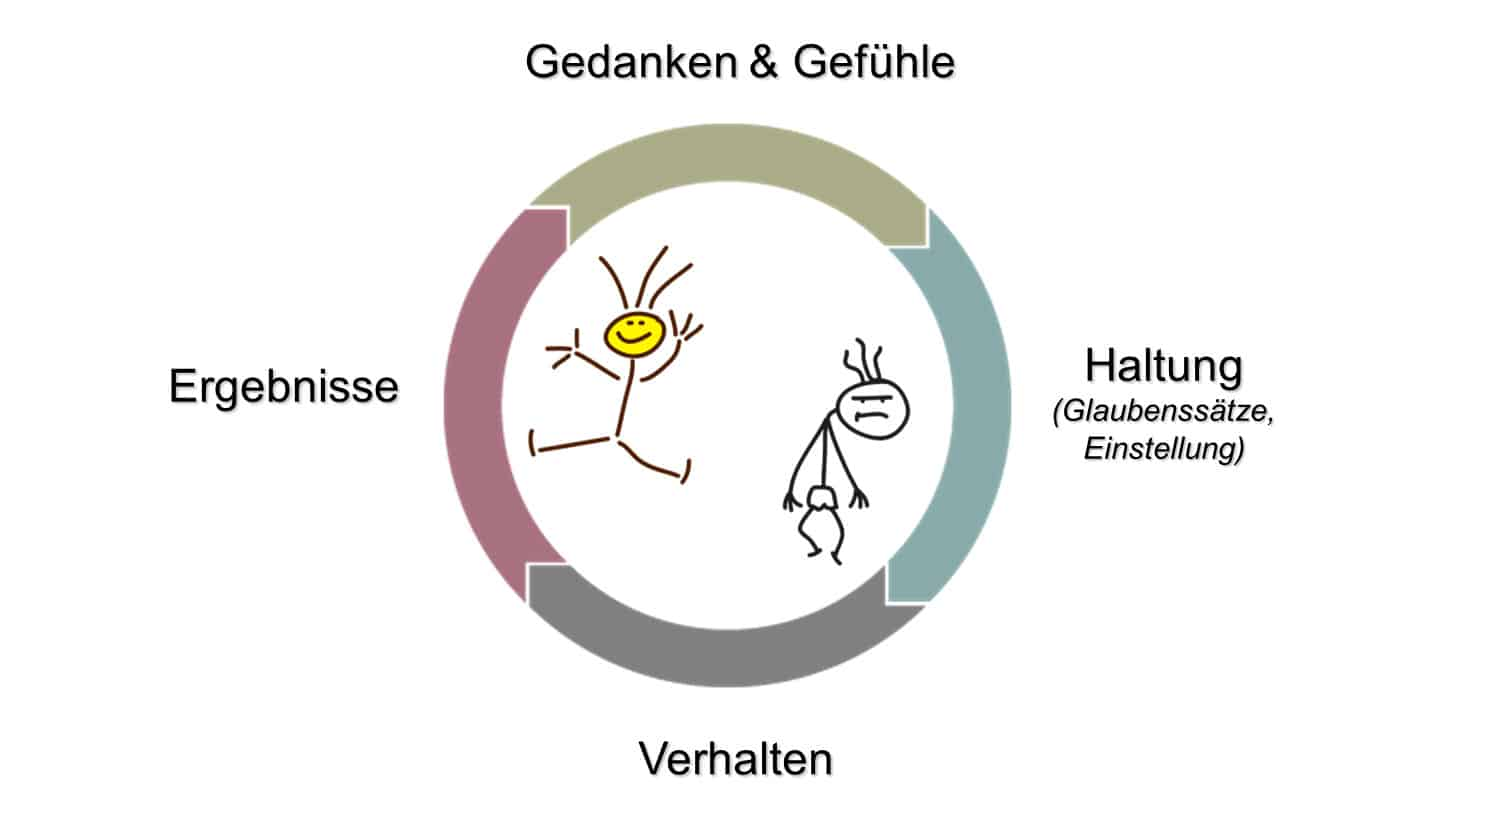 Der Kreislauf des Lebens: Gedanken und Gefühle, Haltung, Verhalten, Ergebnisse